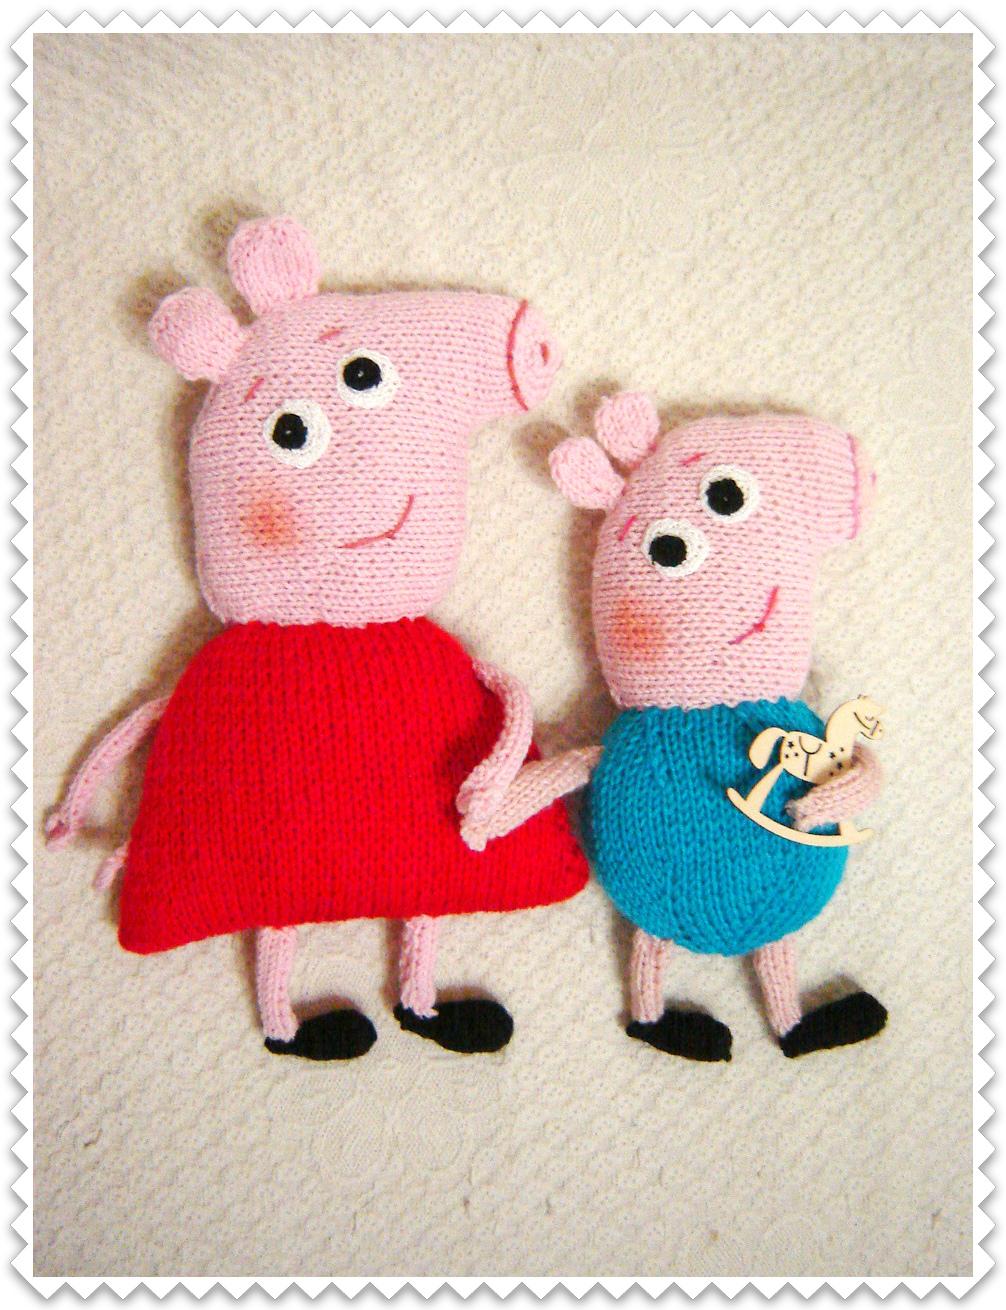 вяжем игрушки спицами с ольгой чепижной свинка пепа и джордж